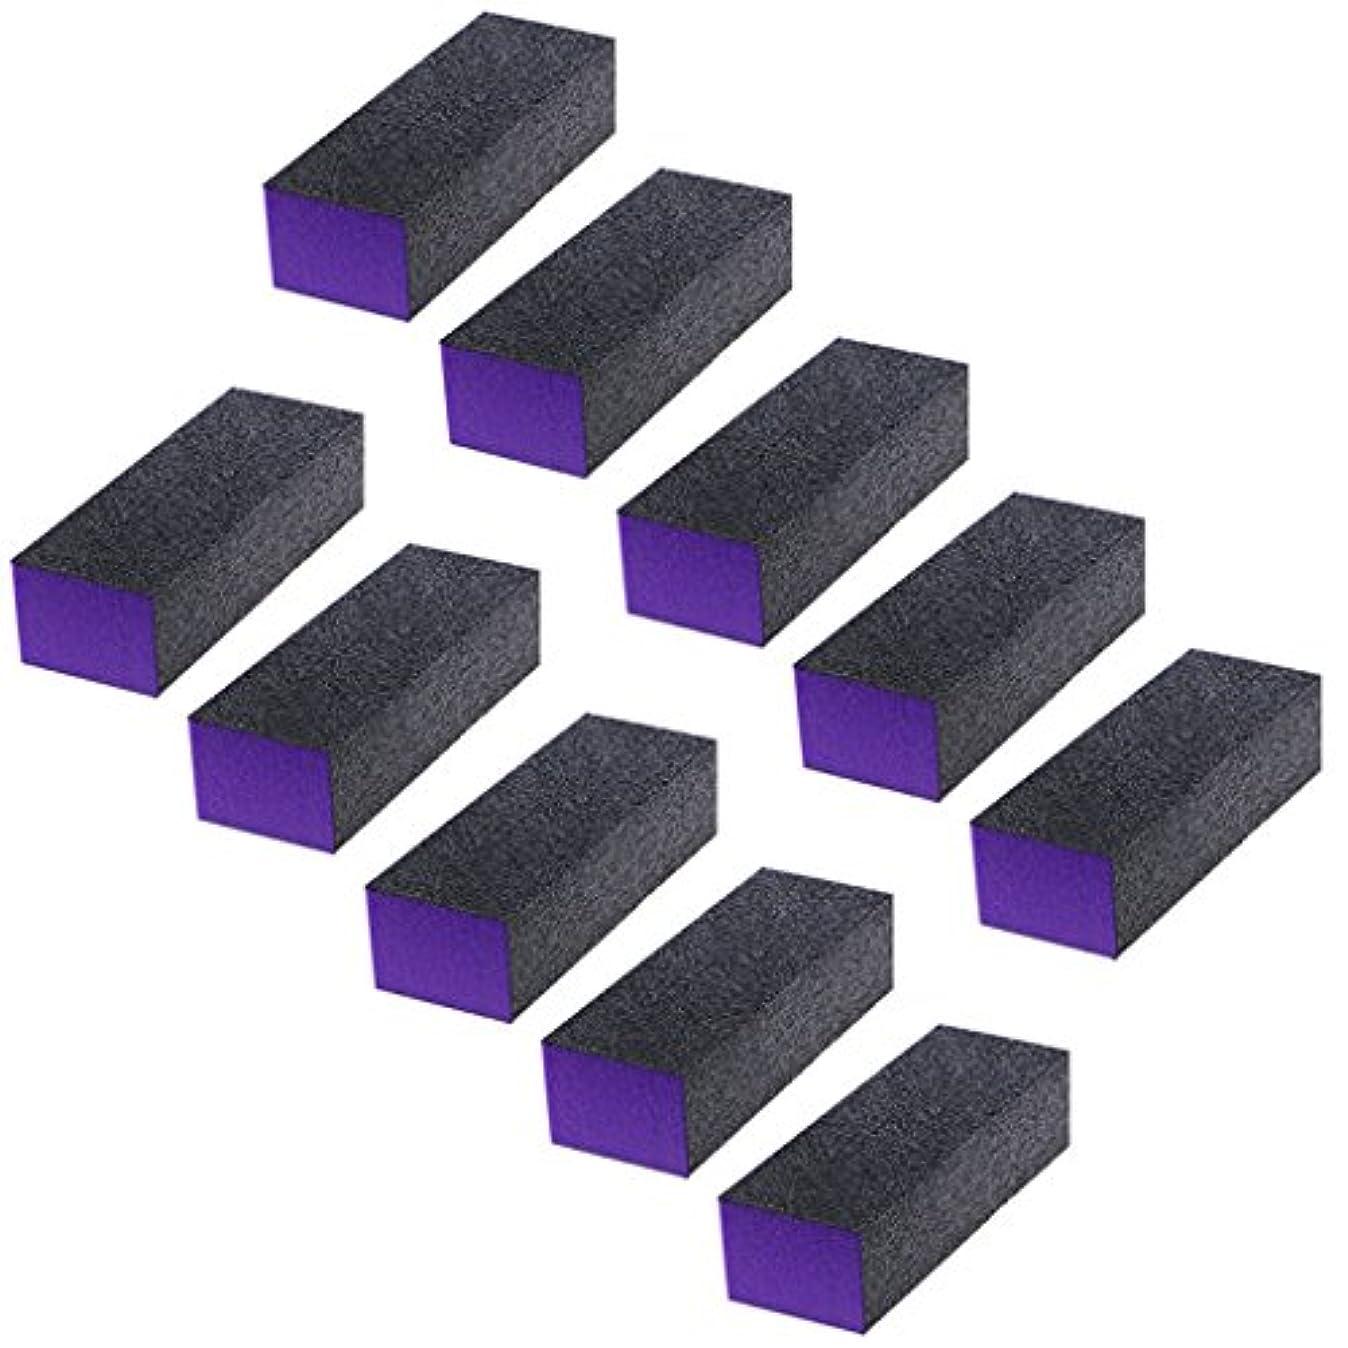 太い師匠交換ジャッキー黒紫豆腐ブロック10個ピース黒紫バッファーバフ研磨サンディングブロックファイルグリットネイルアートツールセット